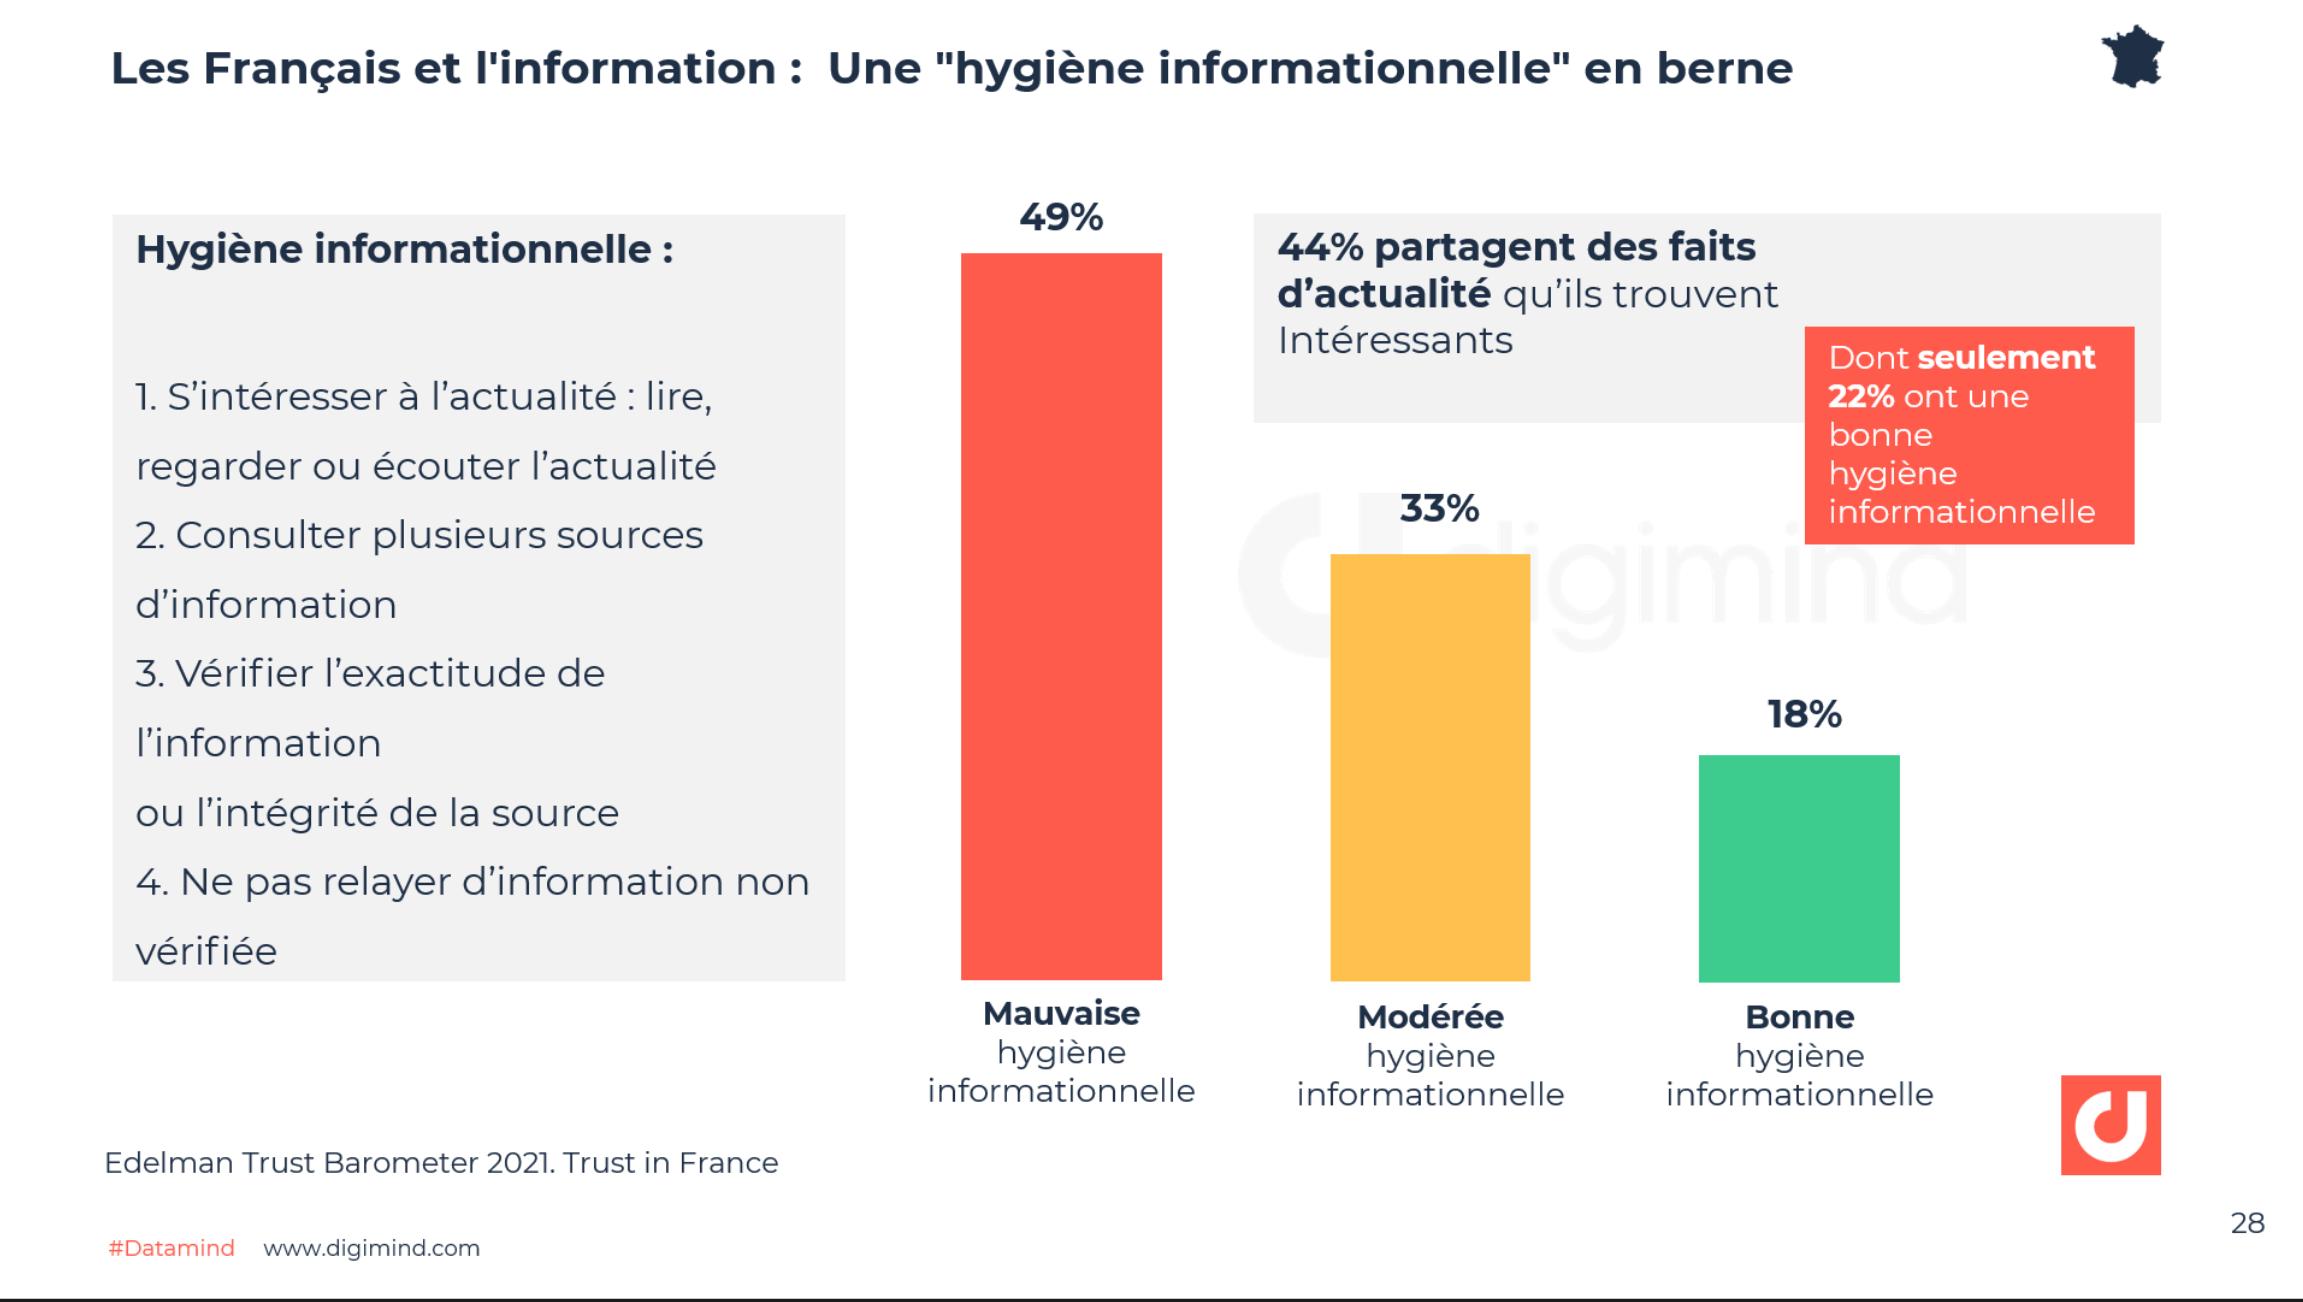 """Les Français et l'information : Une """"hygiène informationnelle"""" en berne - Edelman Trust Barometer 2021. Trust in France"""